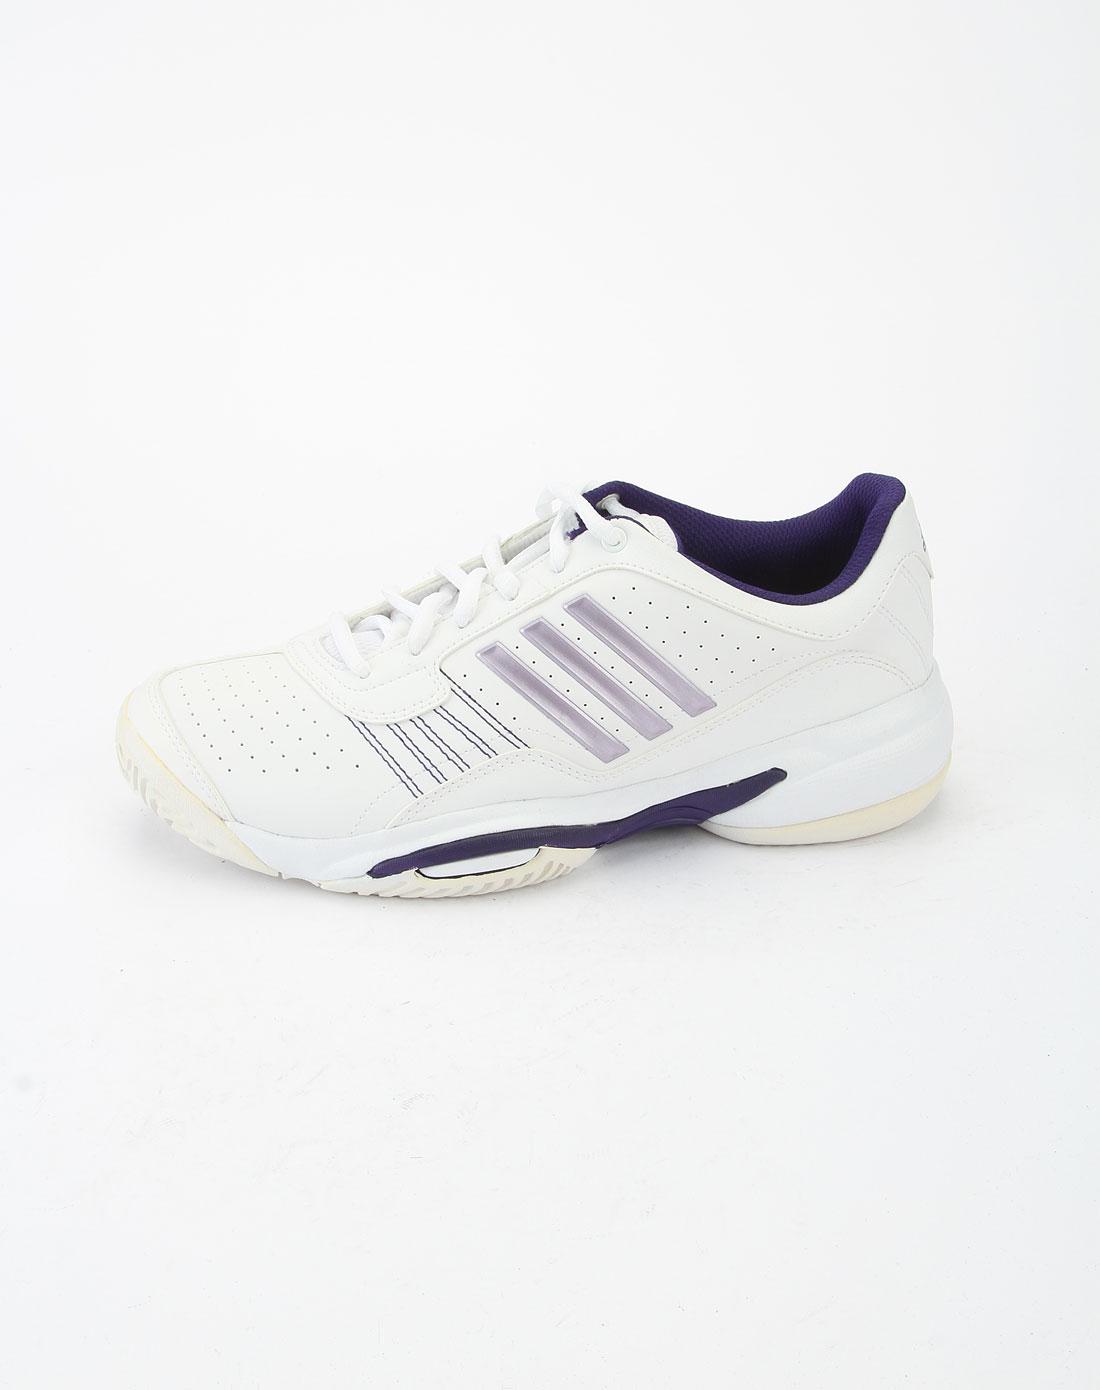 阿迪达斯adidas白色底紫边时尚网球鞋u43740